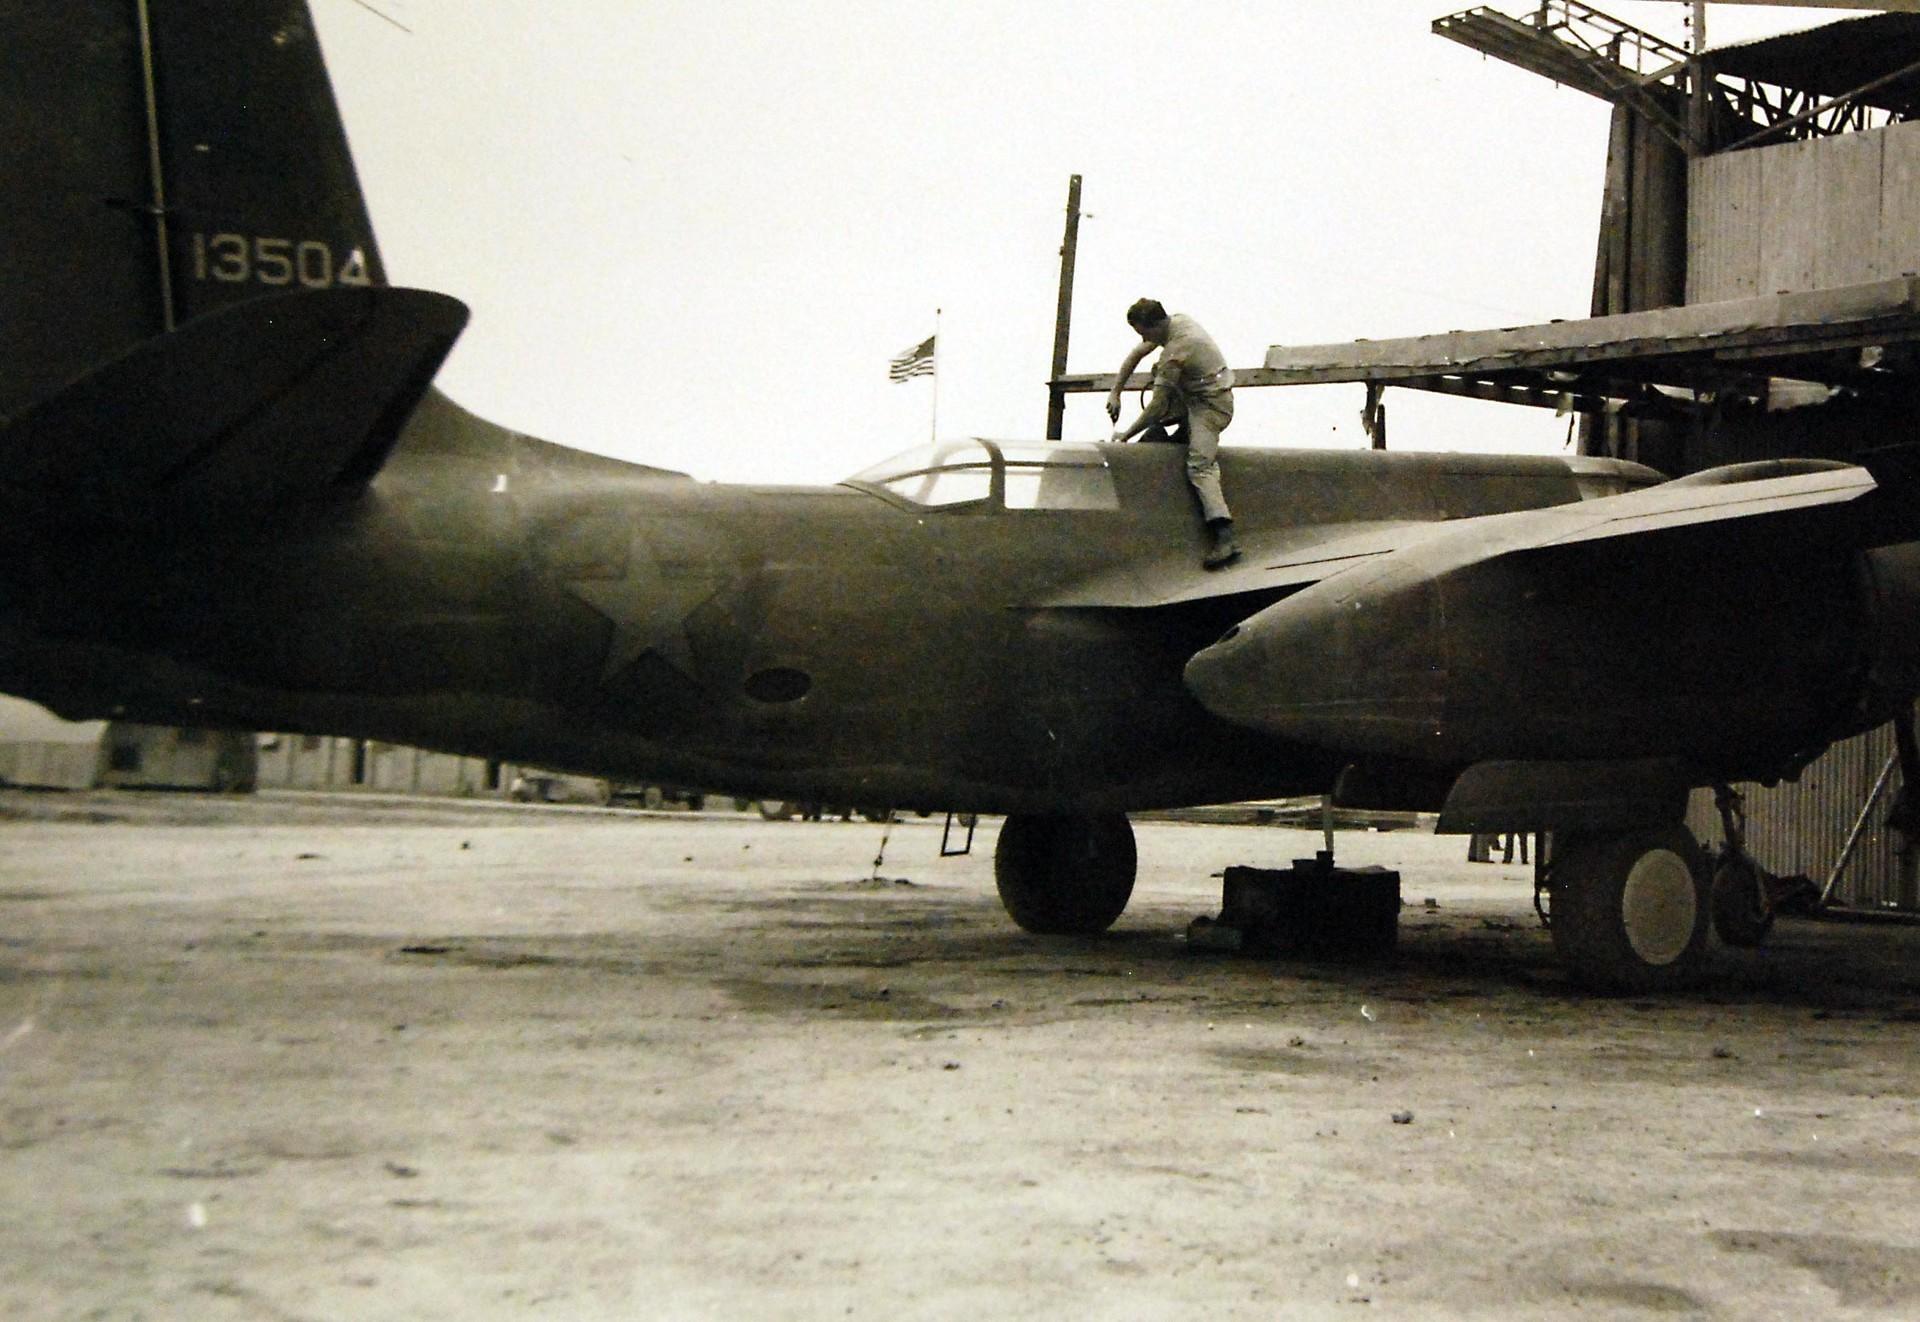 Mecânico norte-americano dando os últimos retoques em um avião de guerra antes de sua entrega à Rússia, em algum lugar do Irã, em março de 1943